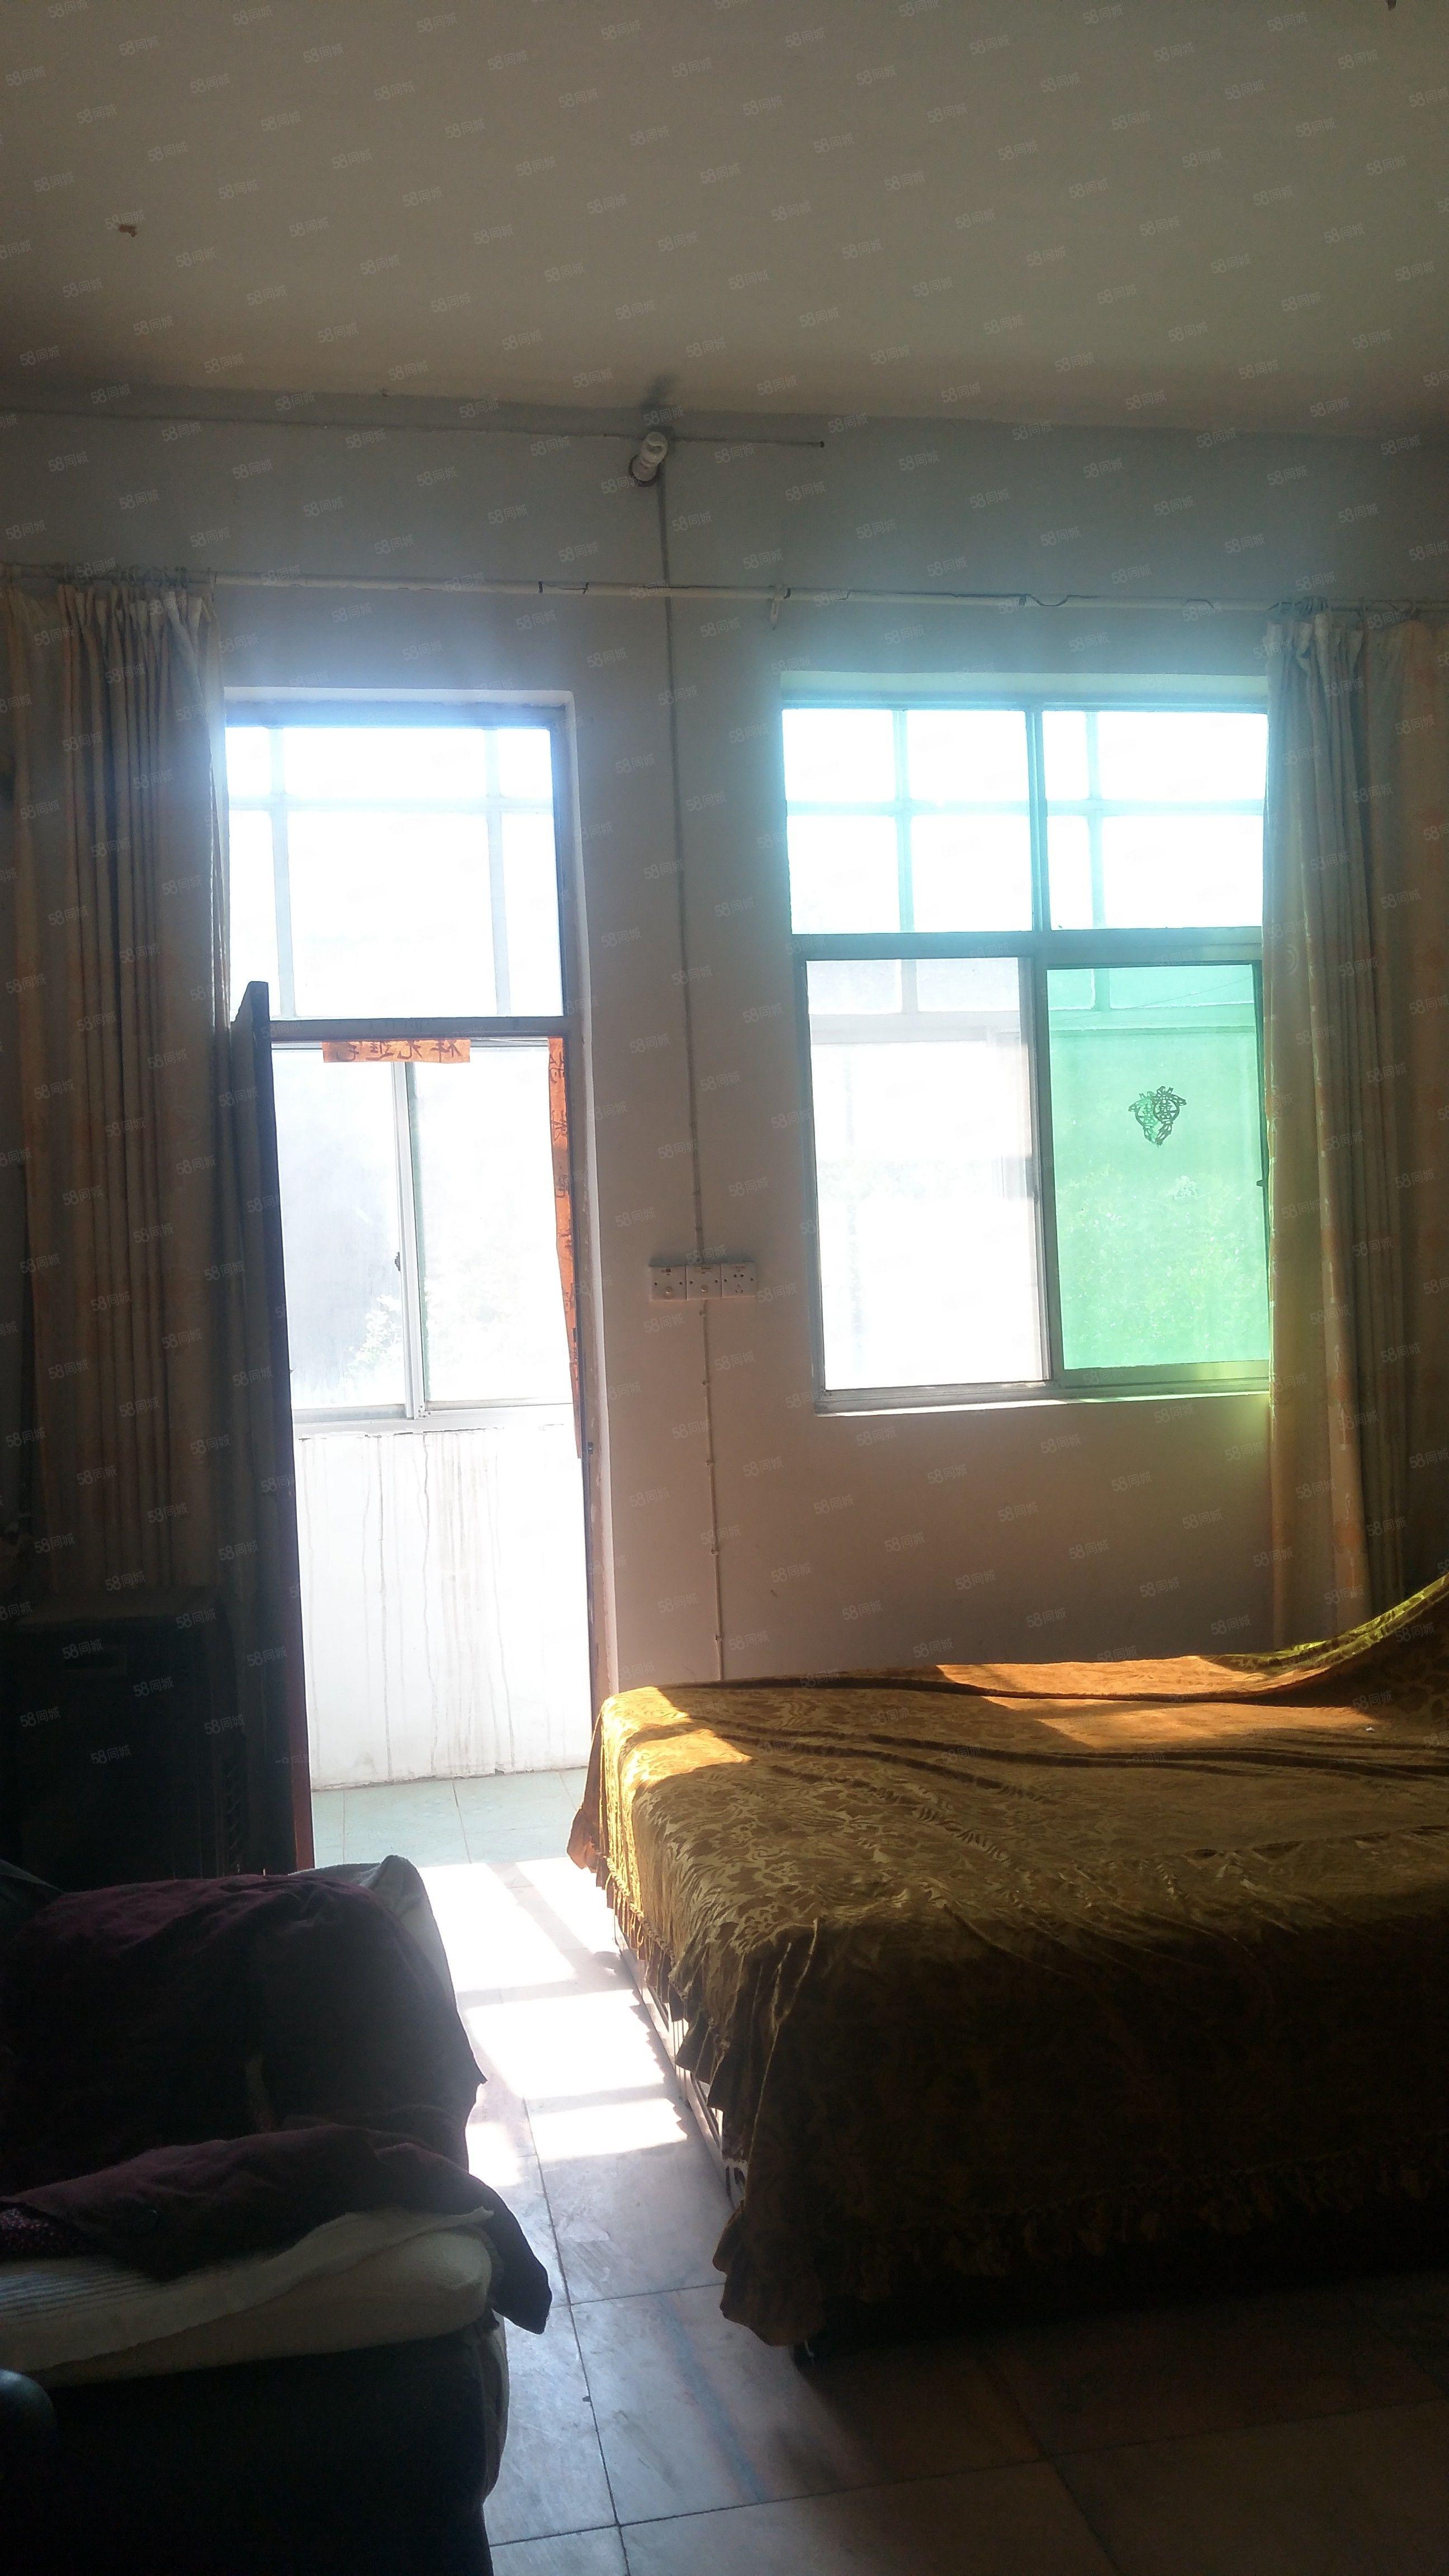 独院有证可过户分期三室两厅一厨两卫简装修